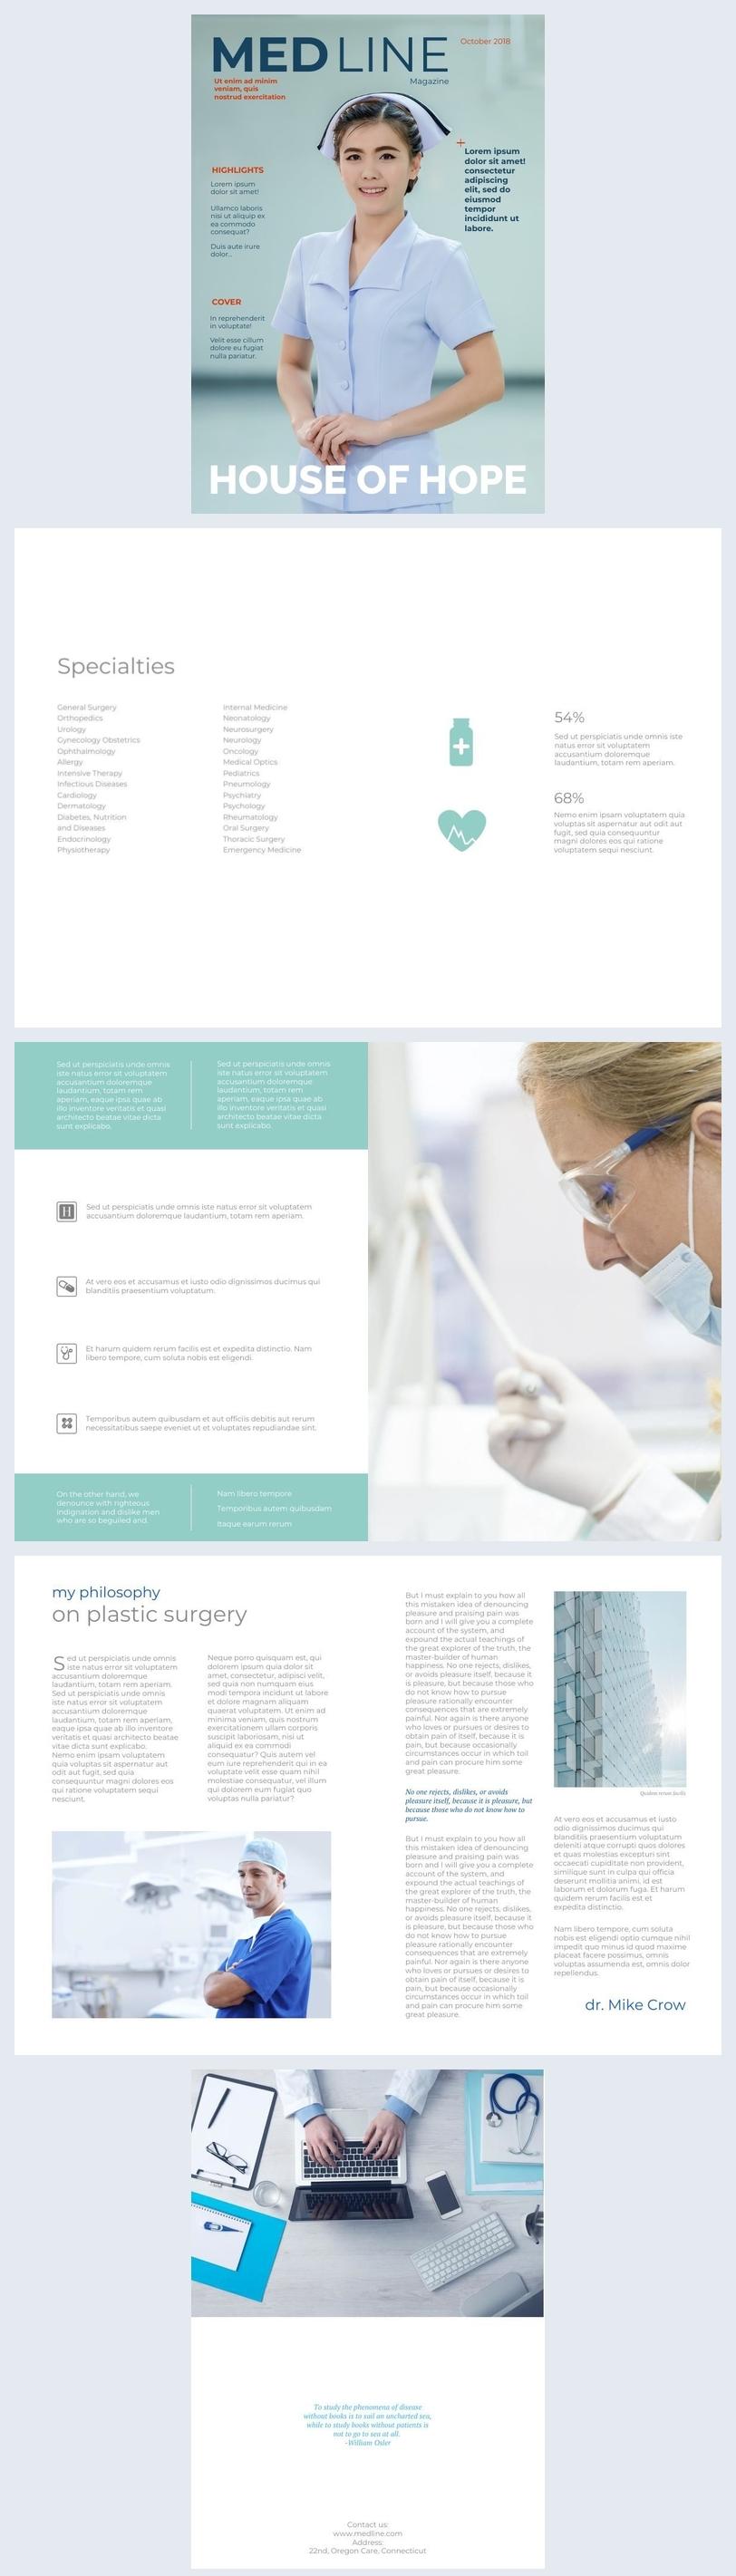 Medisch Brochureontwerp en voorbeelden